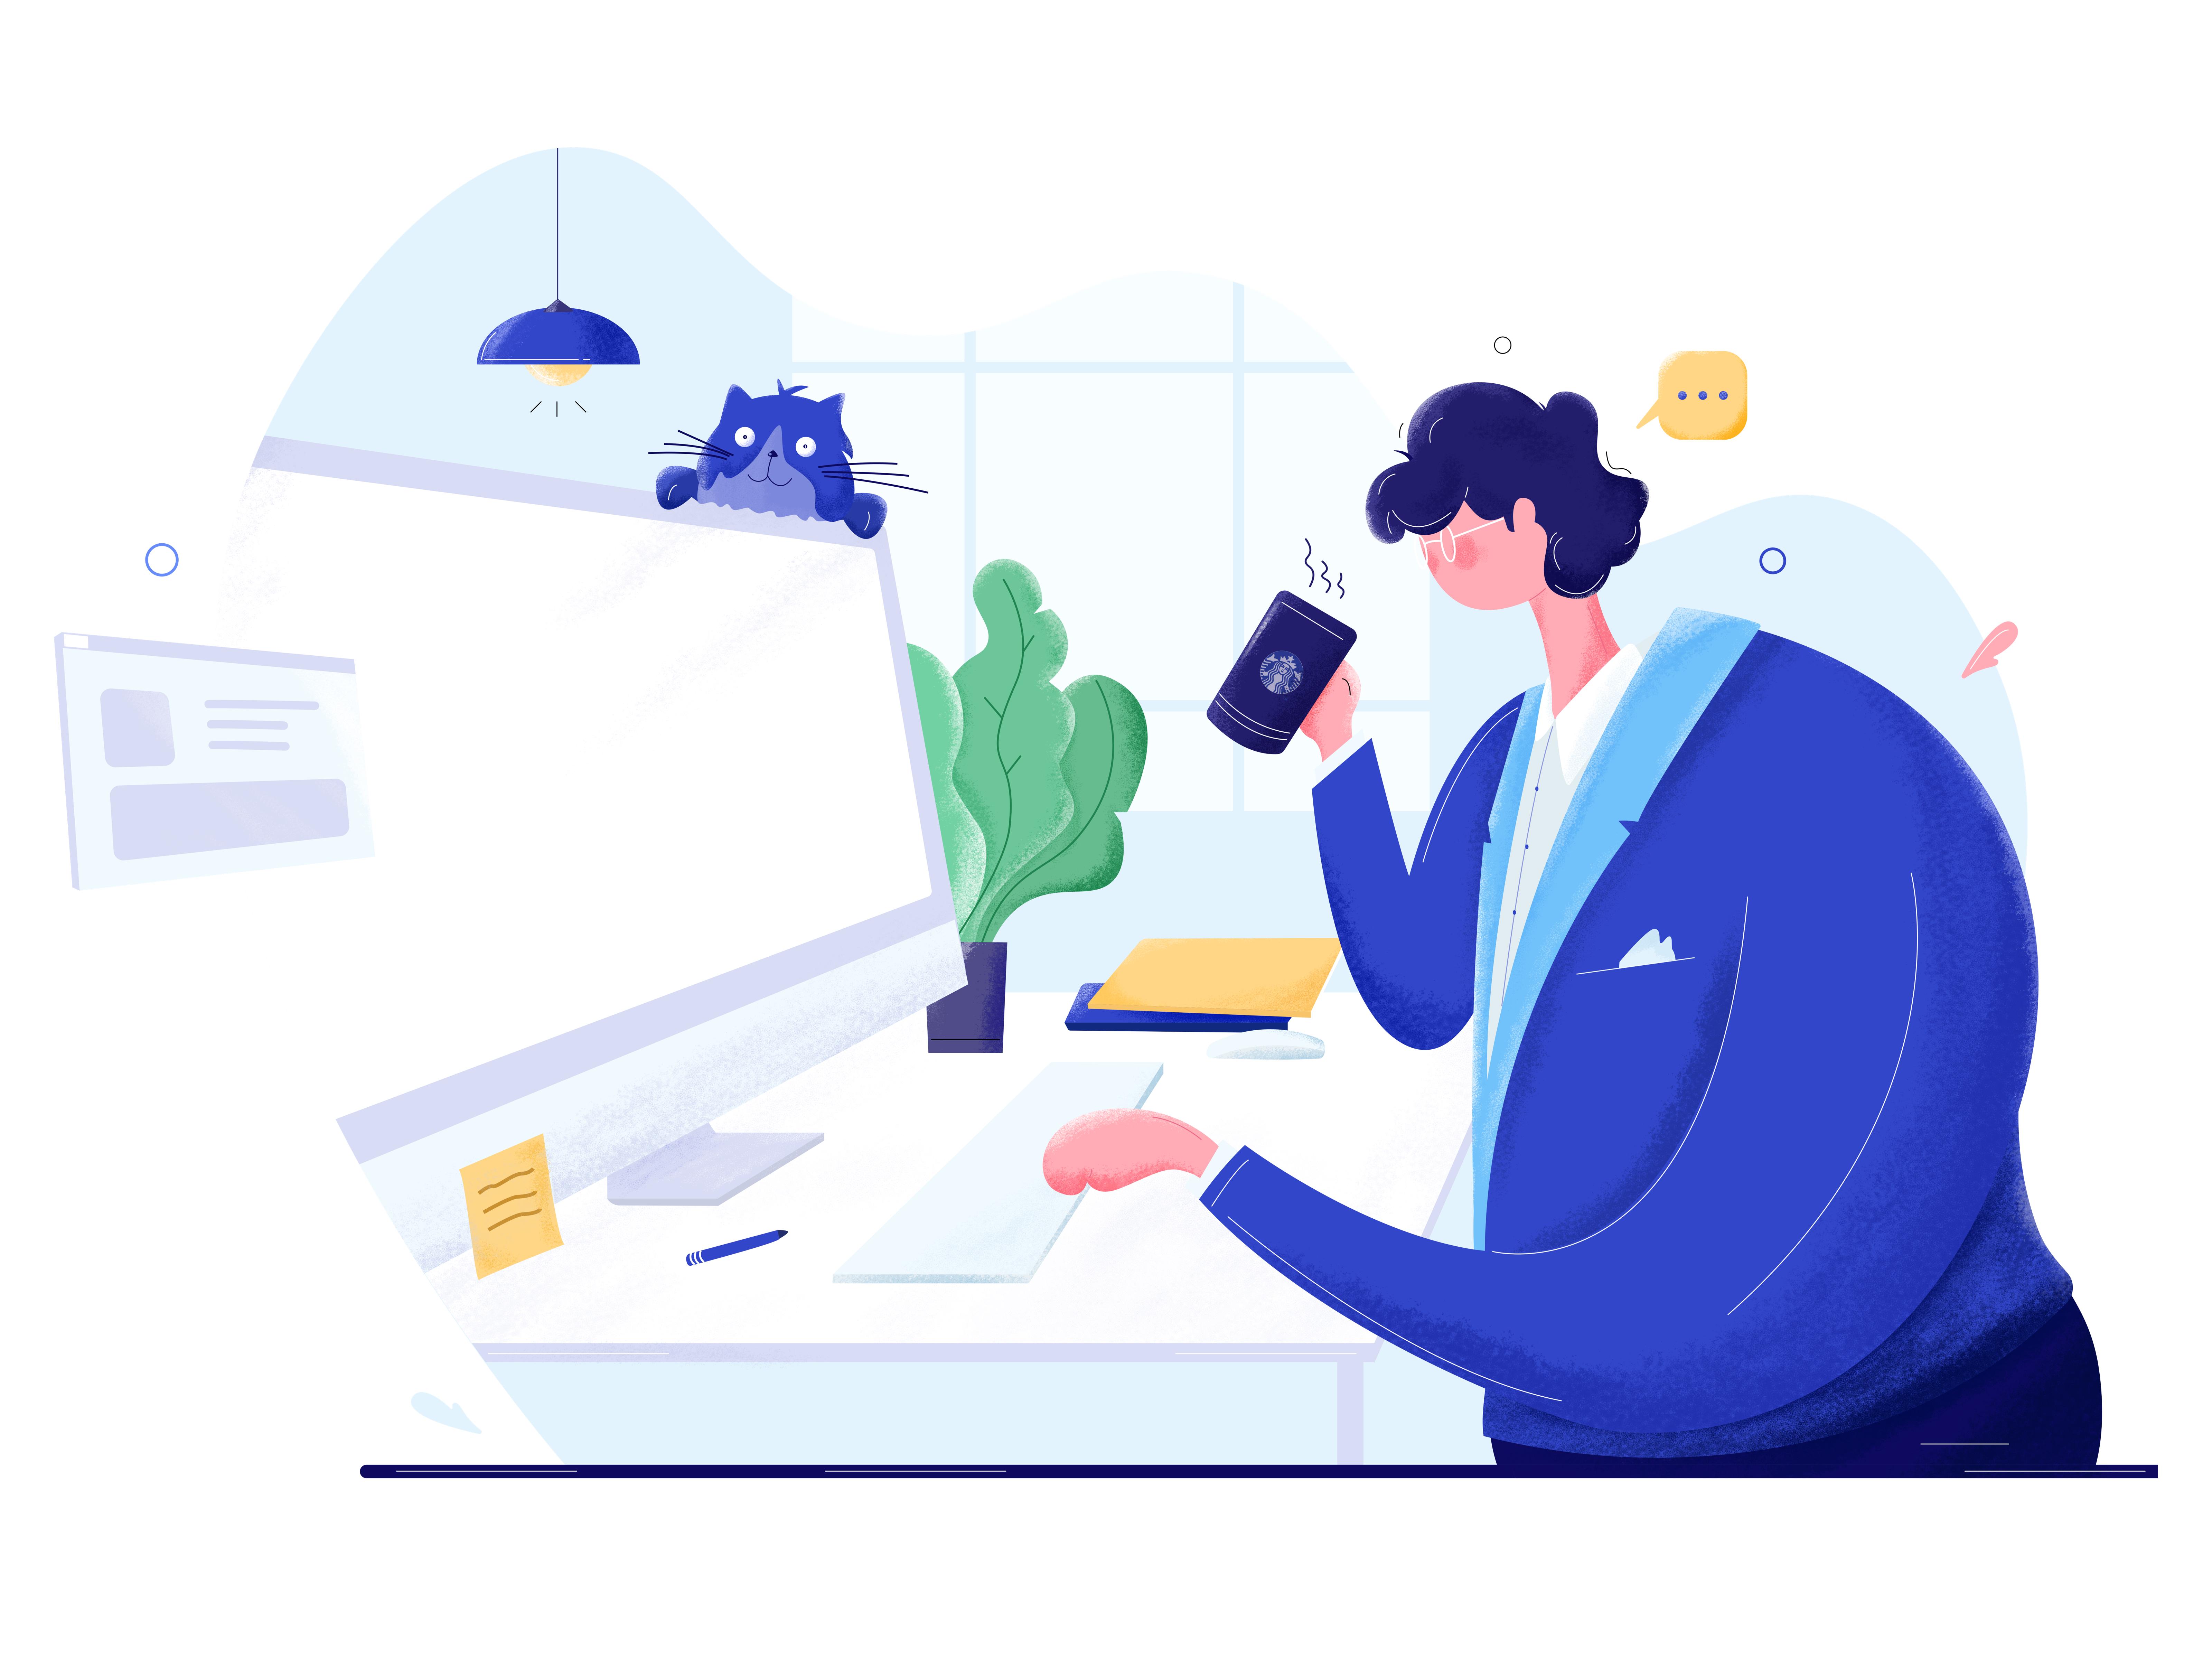 Working   illustration by tran mau tri tam big